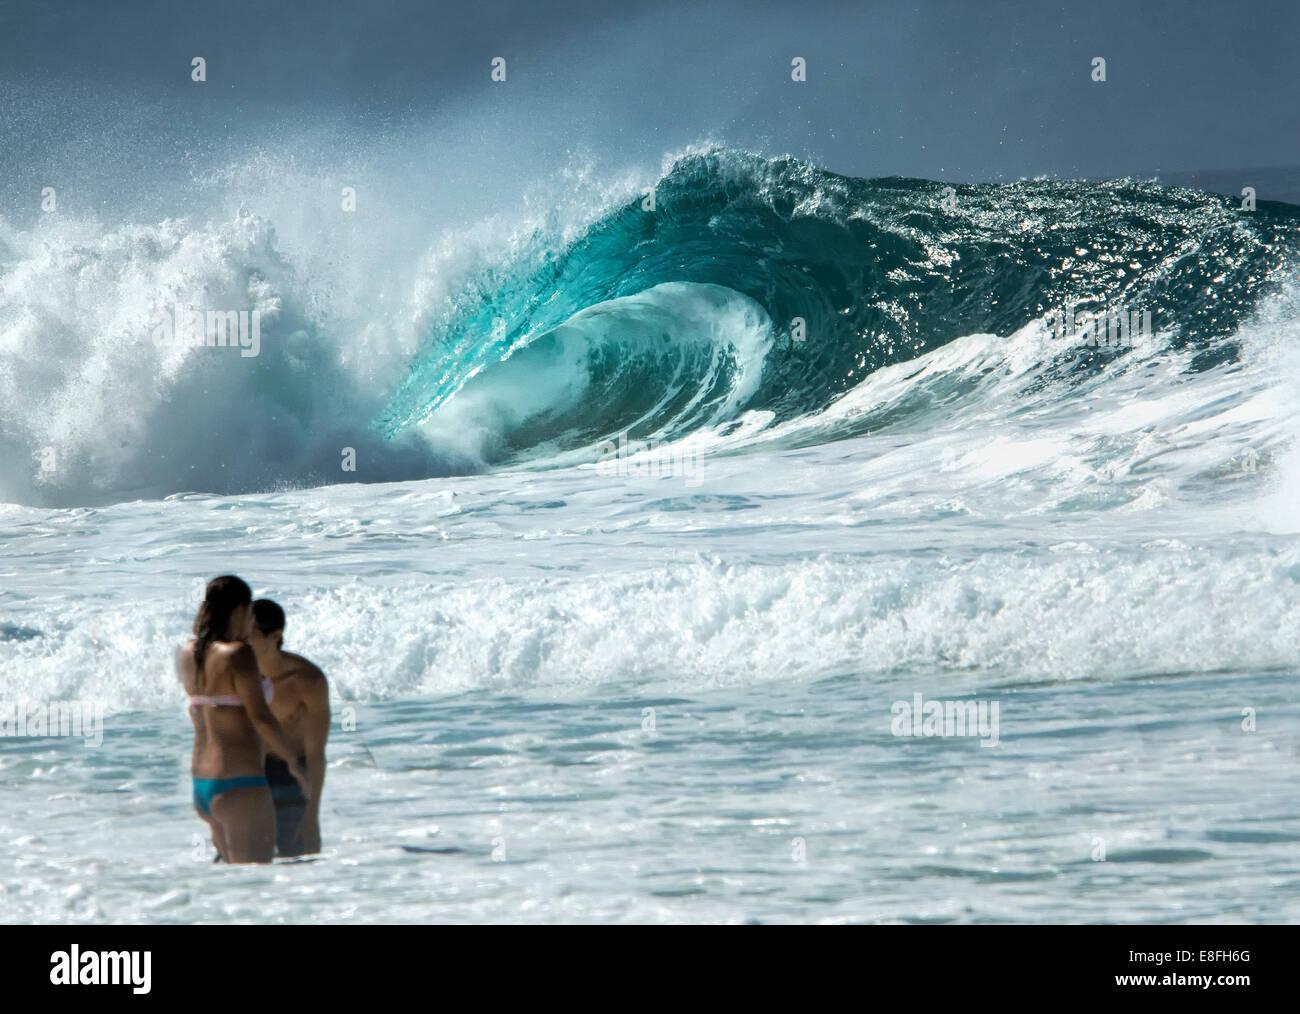 Le persone in piedi in oceano e oceano enorme ondata in background Immagini Stock